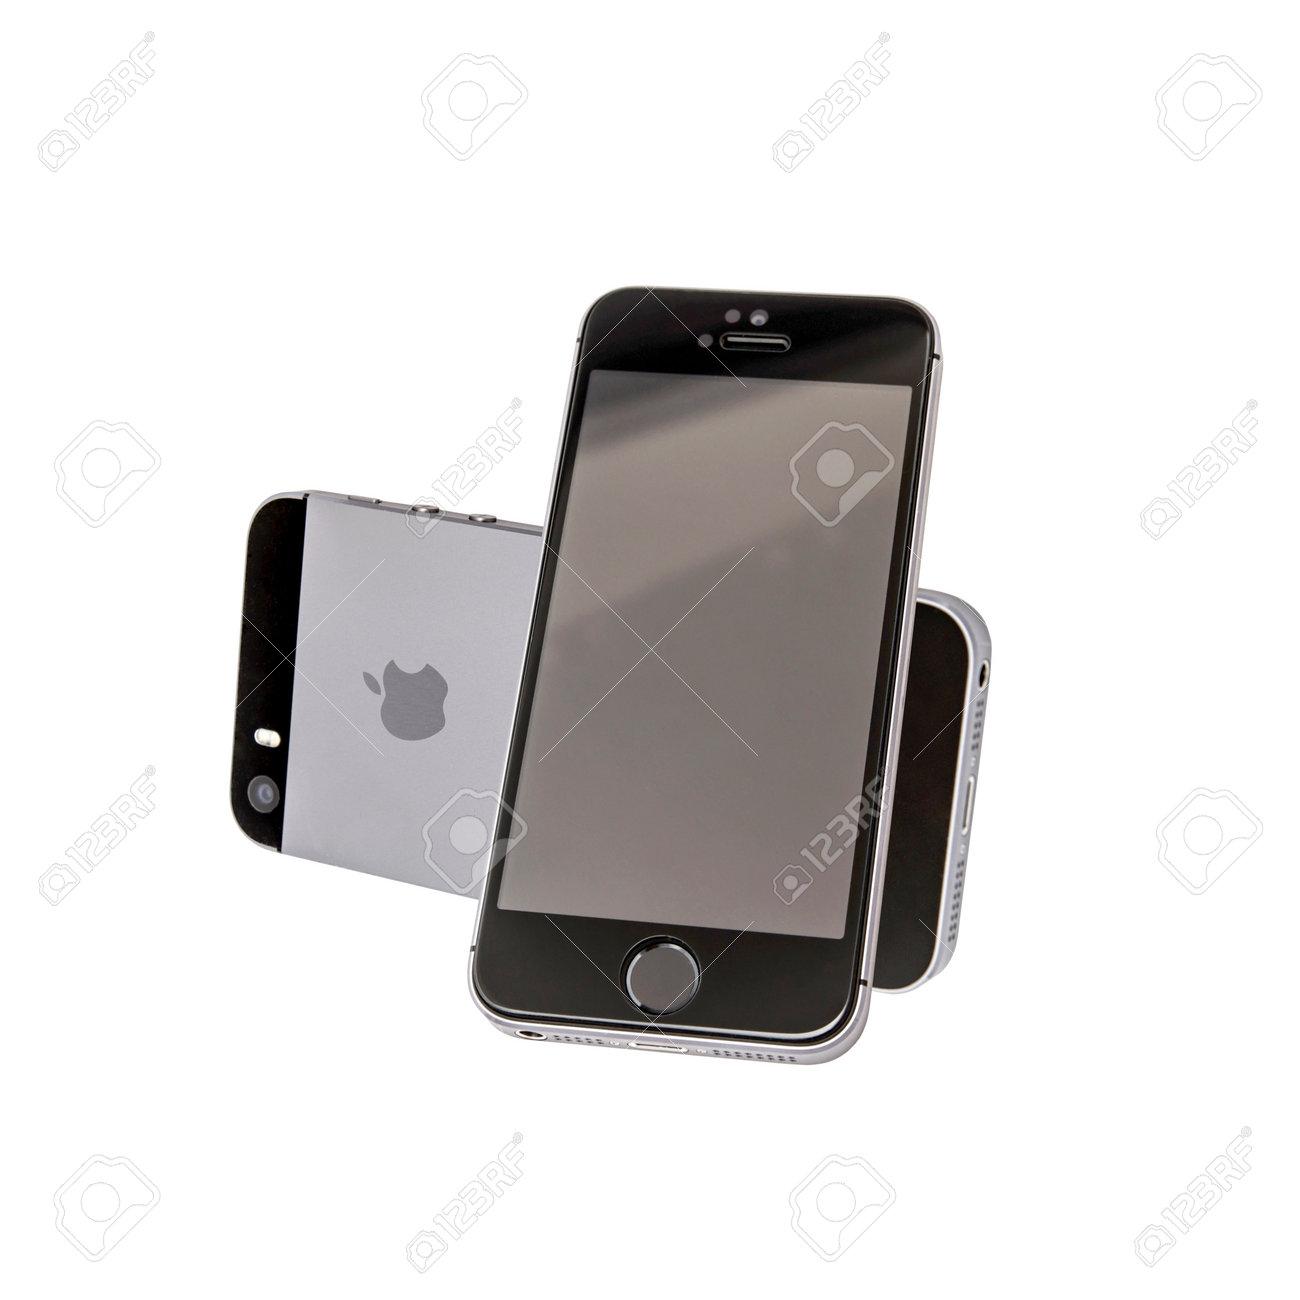 Iphone 5s Avant Et Arriere Isole Sur Fond Blanc Banque D Images Et